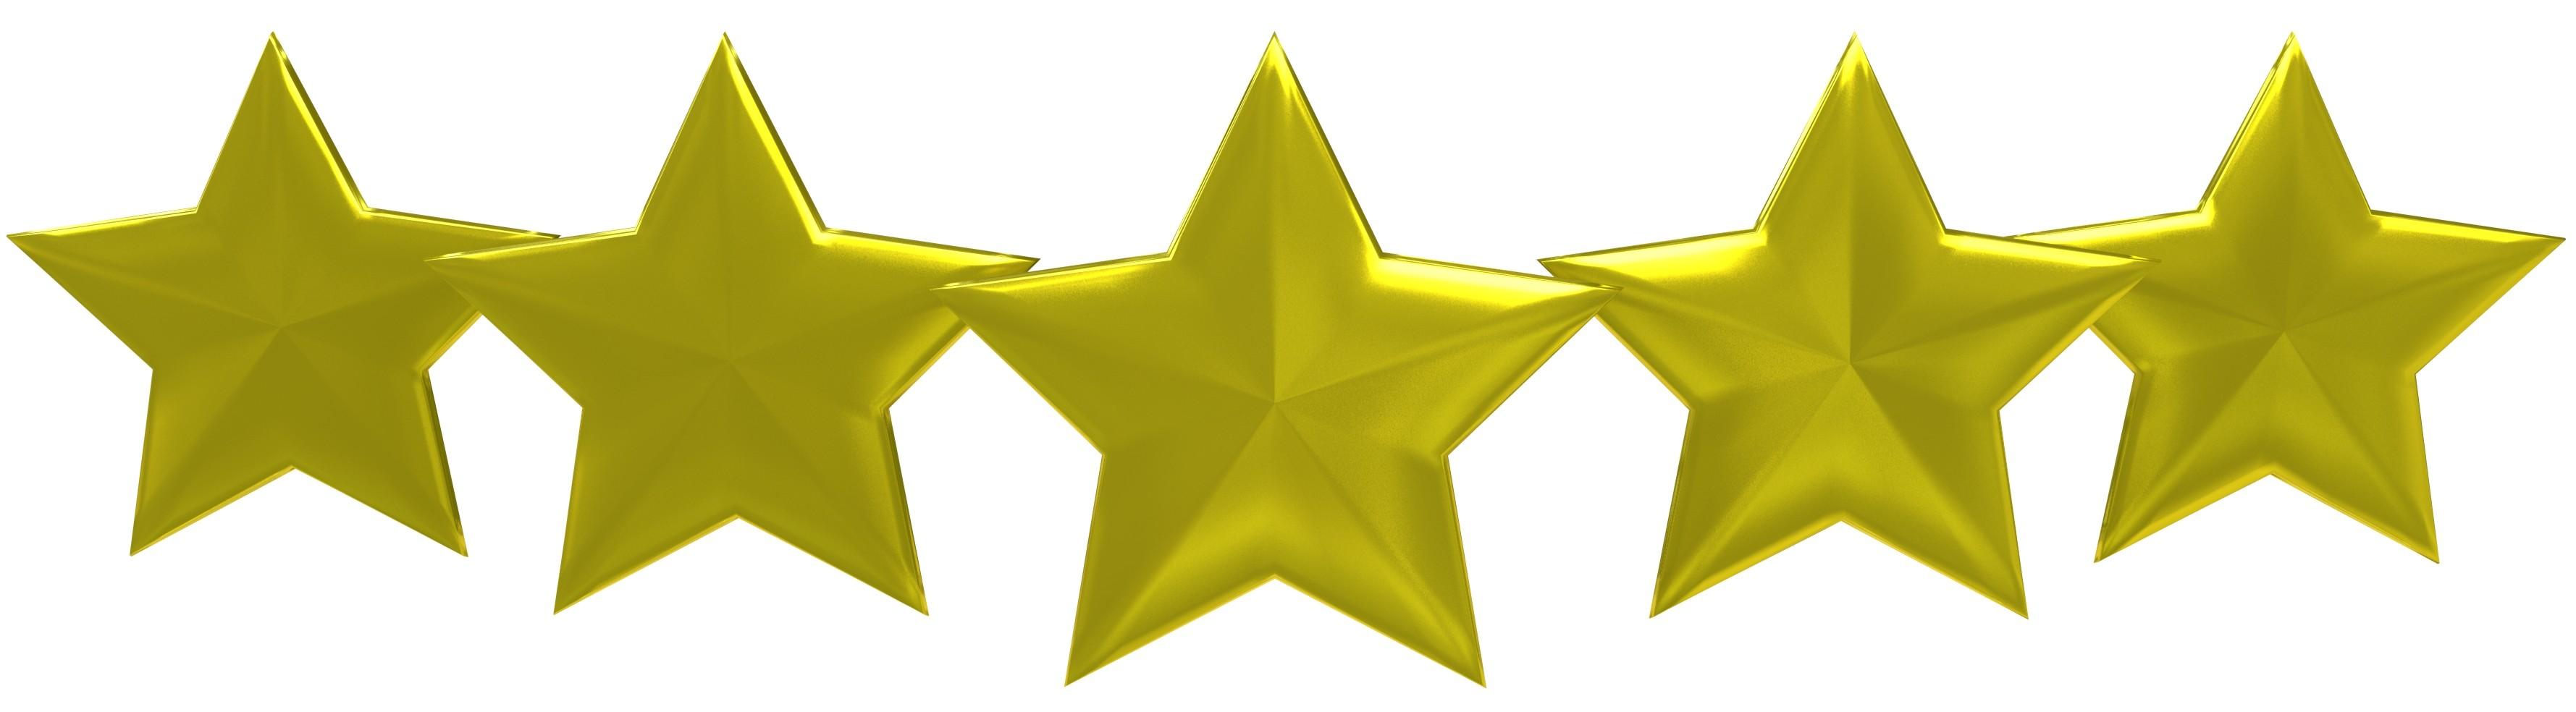 5 star a